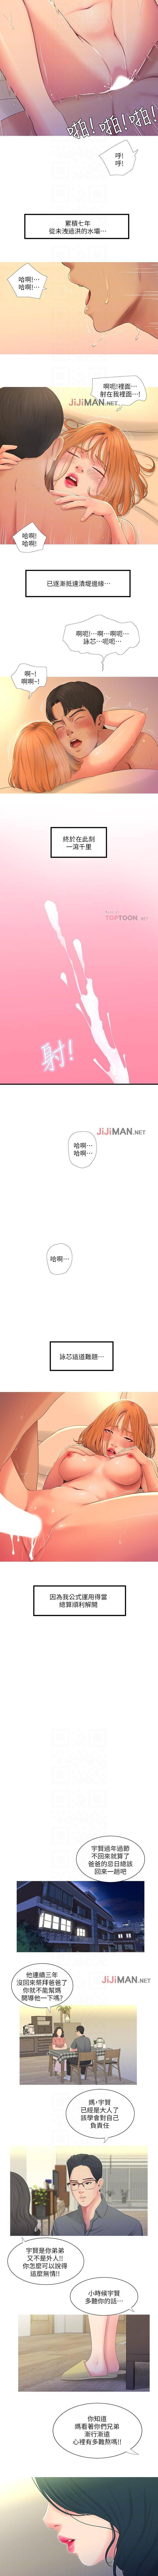 【周四连载】亲家四姐妹(作者:愛摸) 第1~31话 11